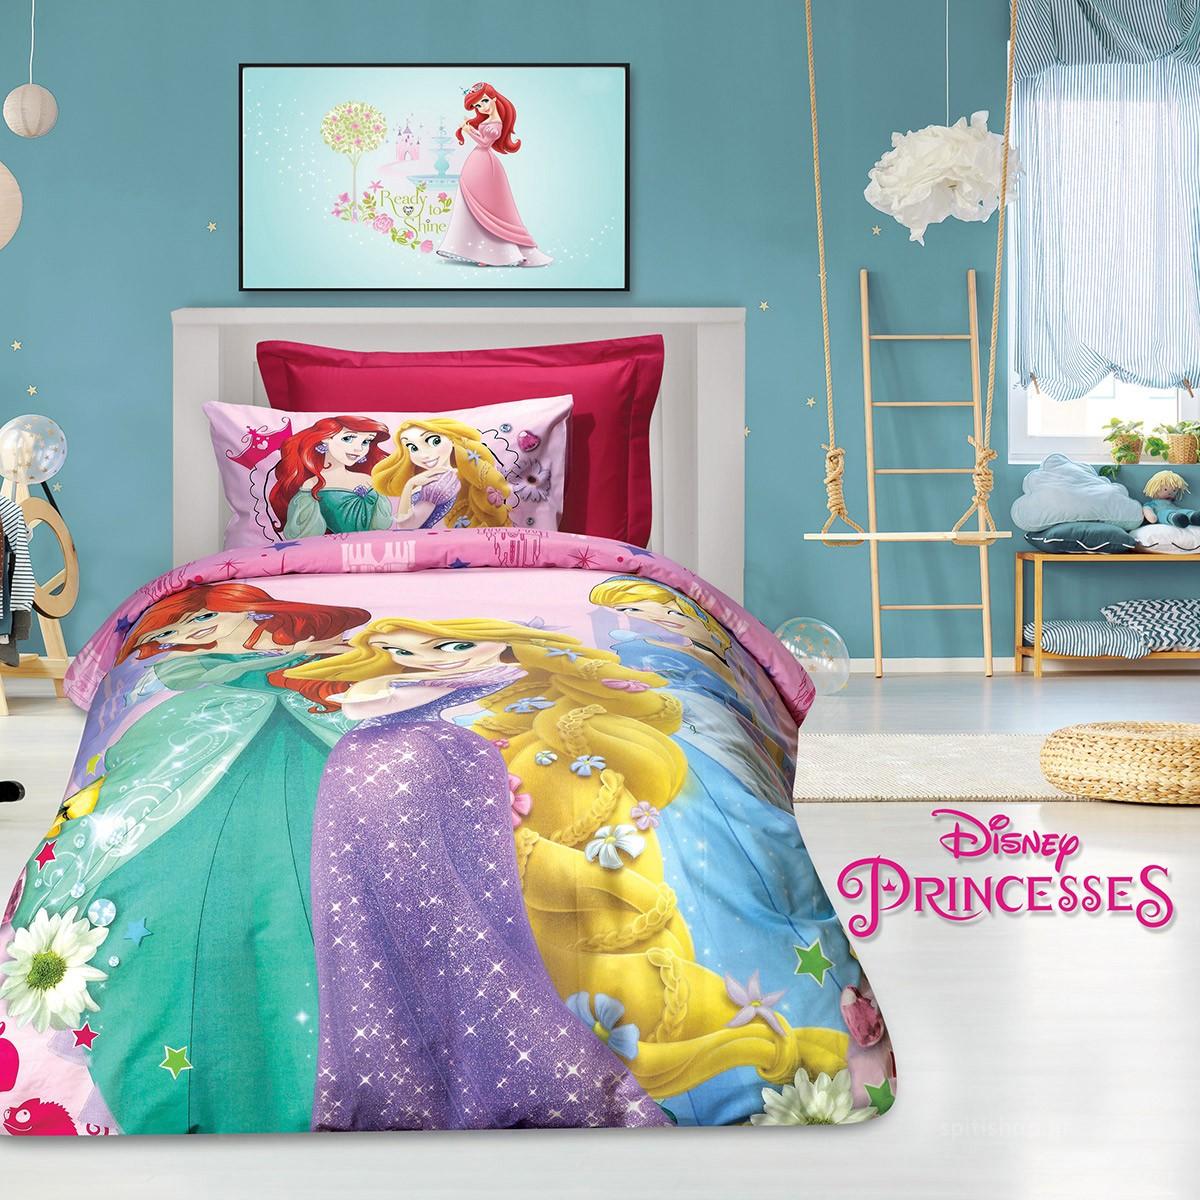 Σεντόνια Μονά (Σετ) Das Home Ladies Princesses 5012